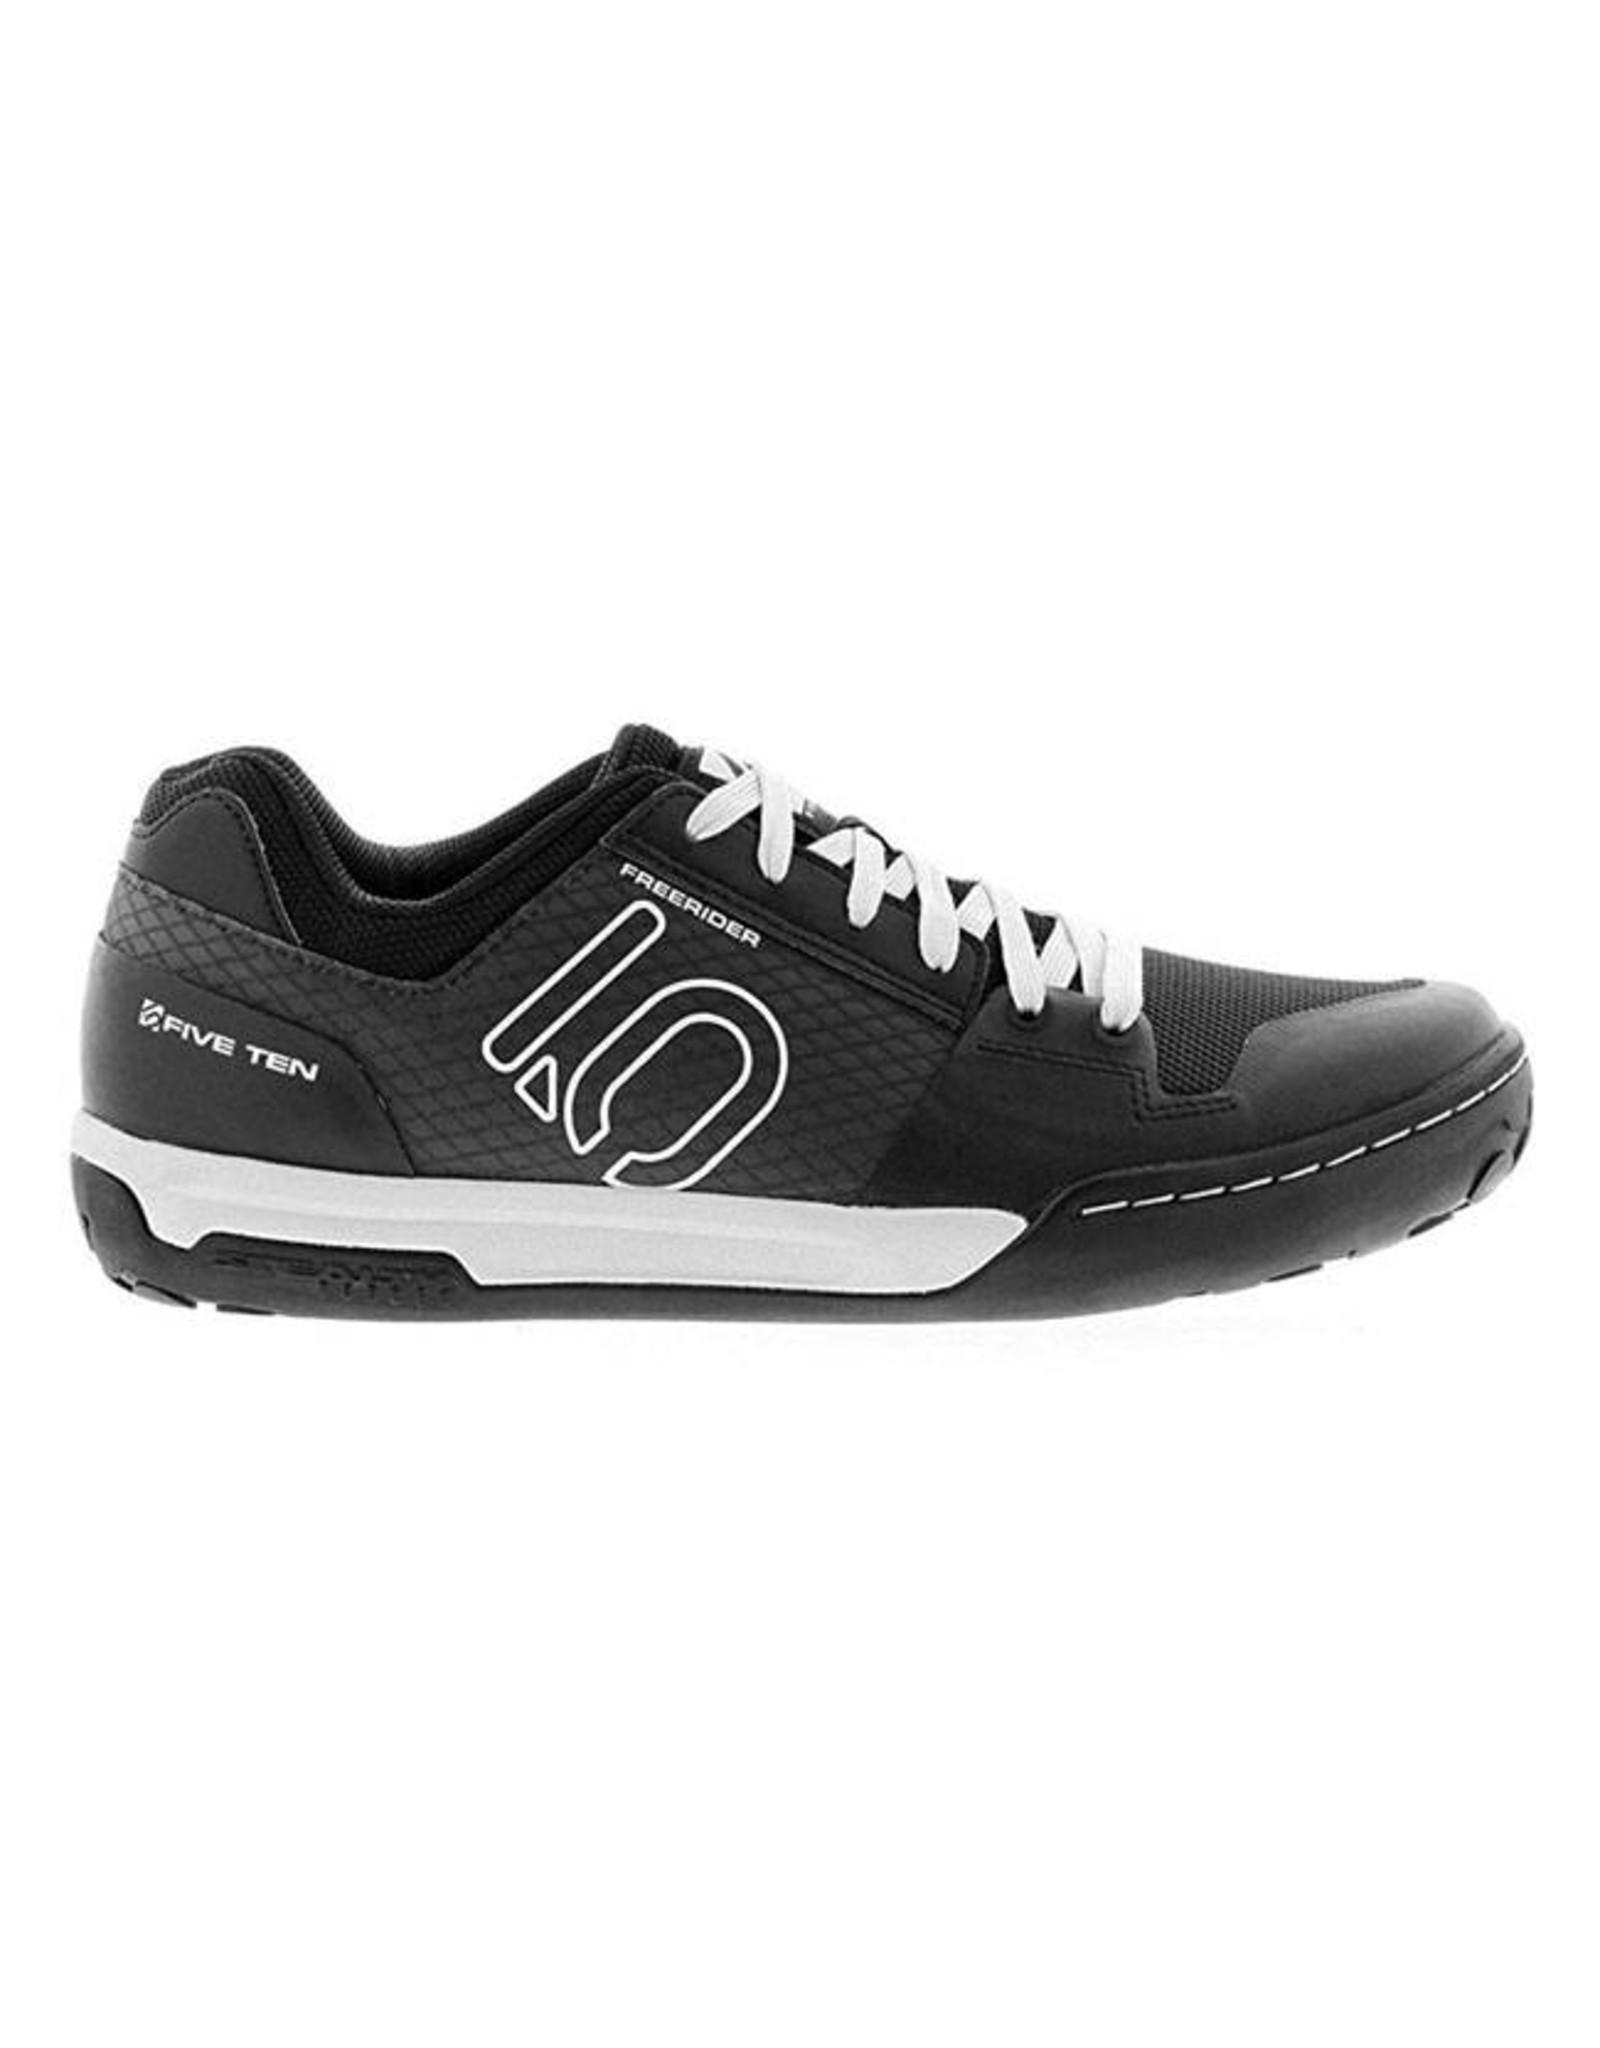 Five Ten Five Ten Freerider Contact Men's Flat Pedal Shoe: Split Black 12